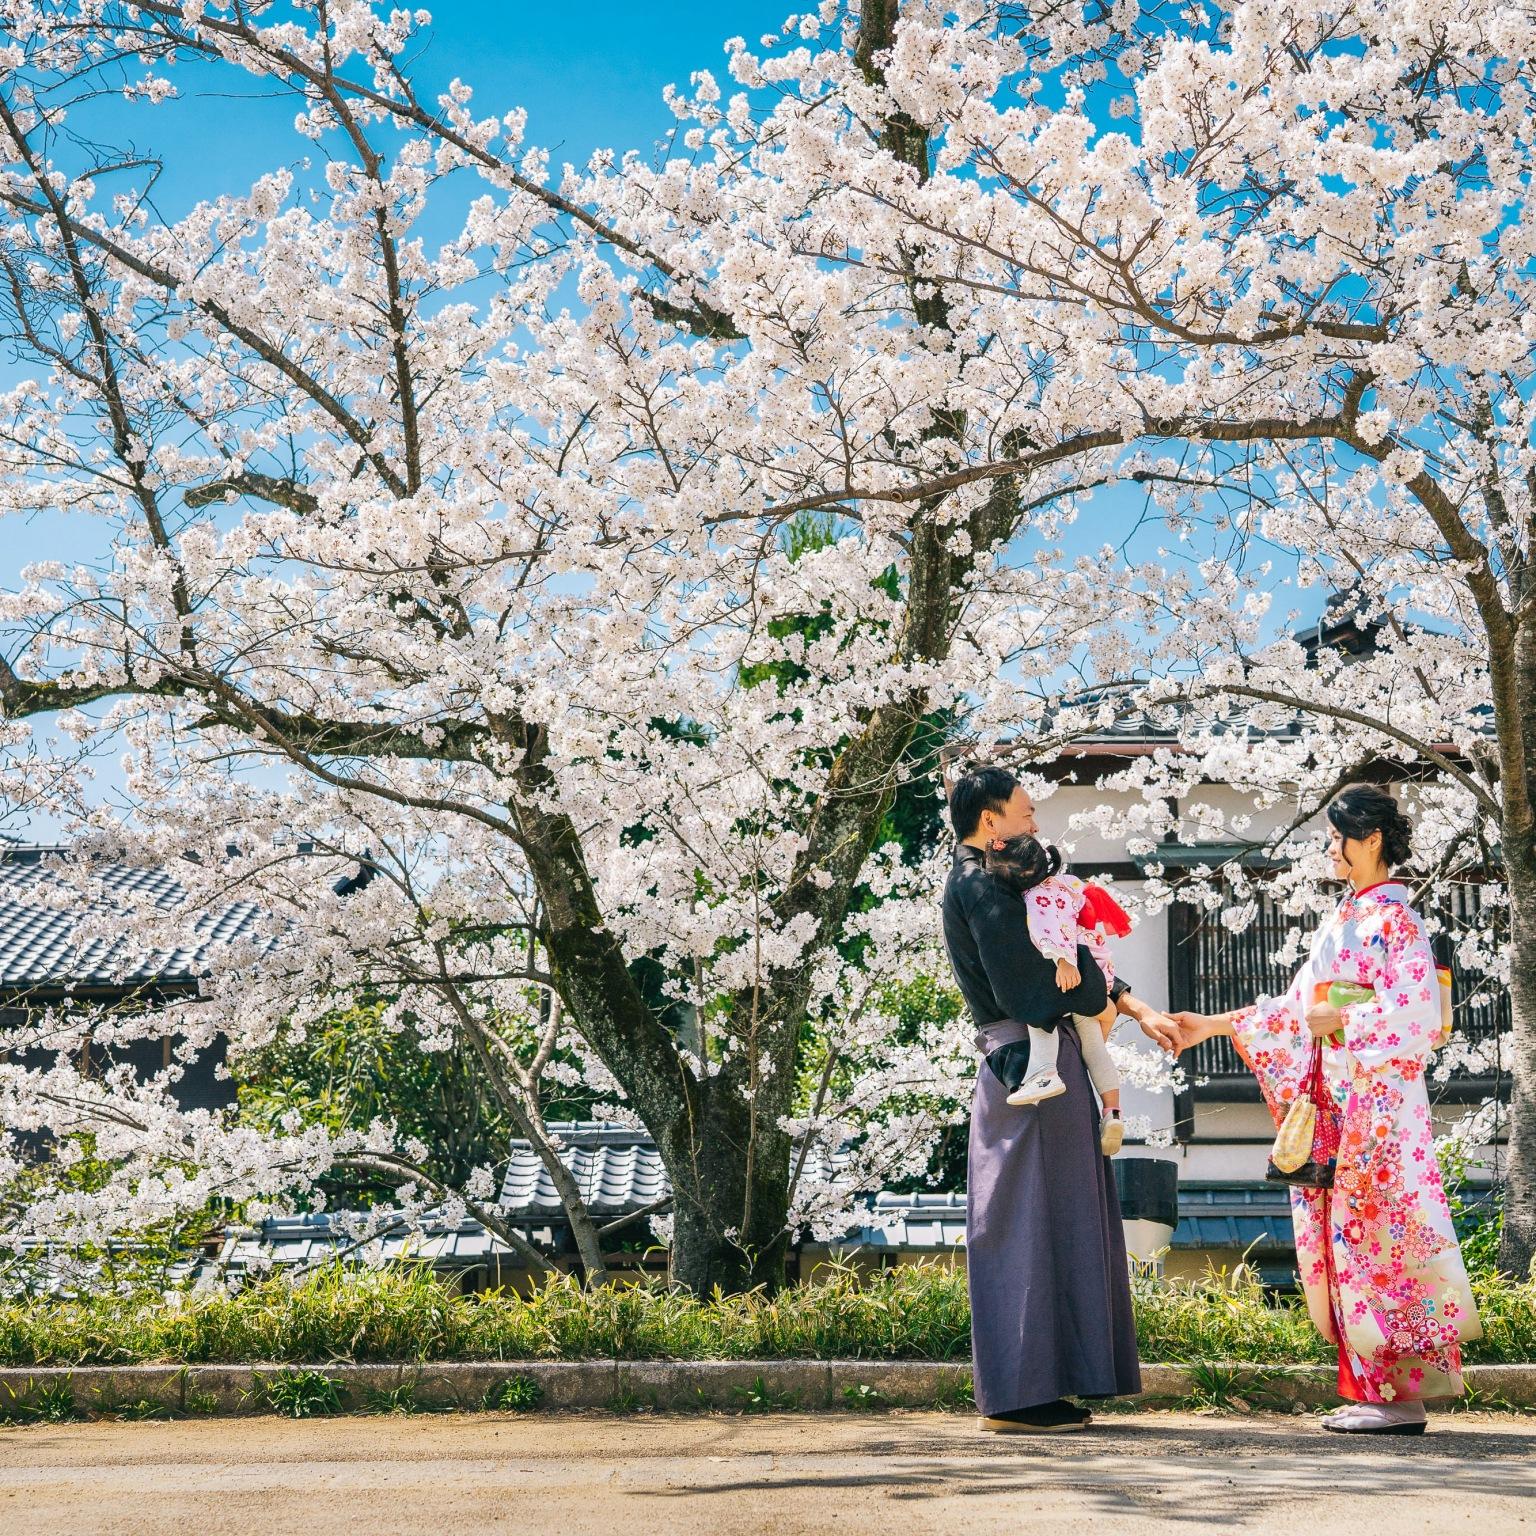 京都和服漫遊, 和服寫真拍攝